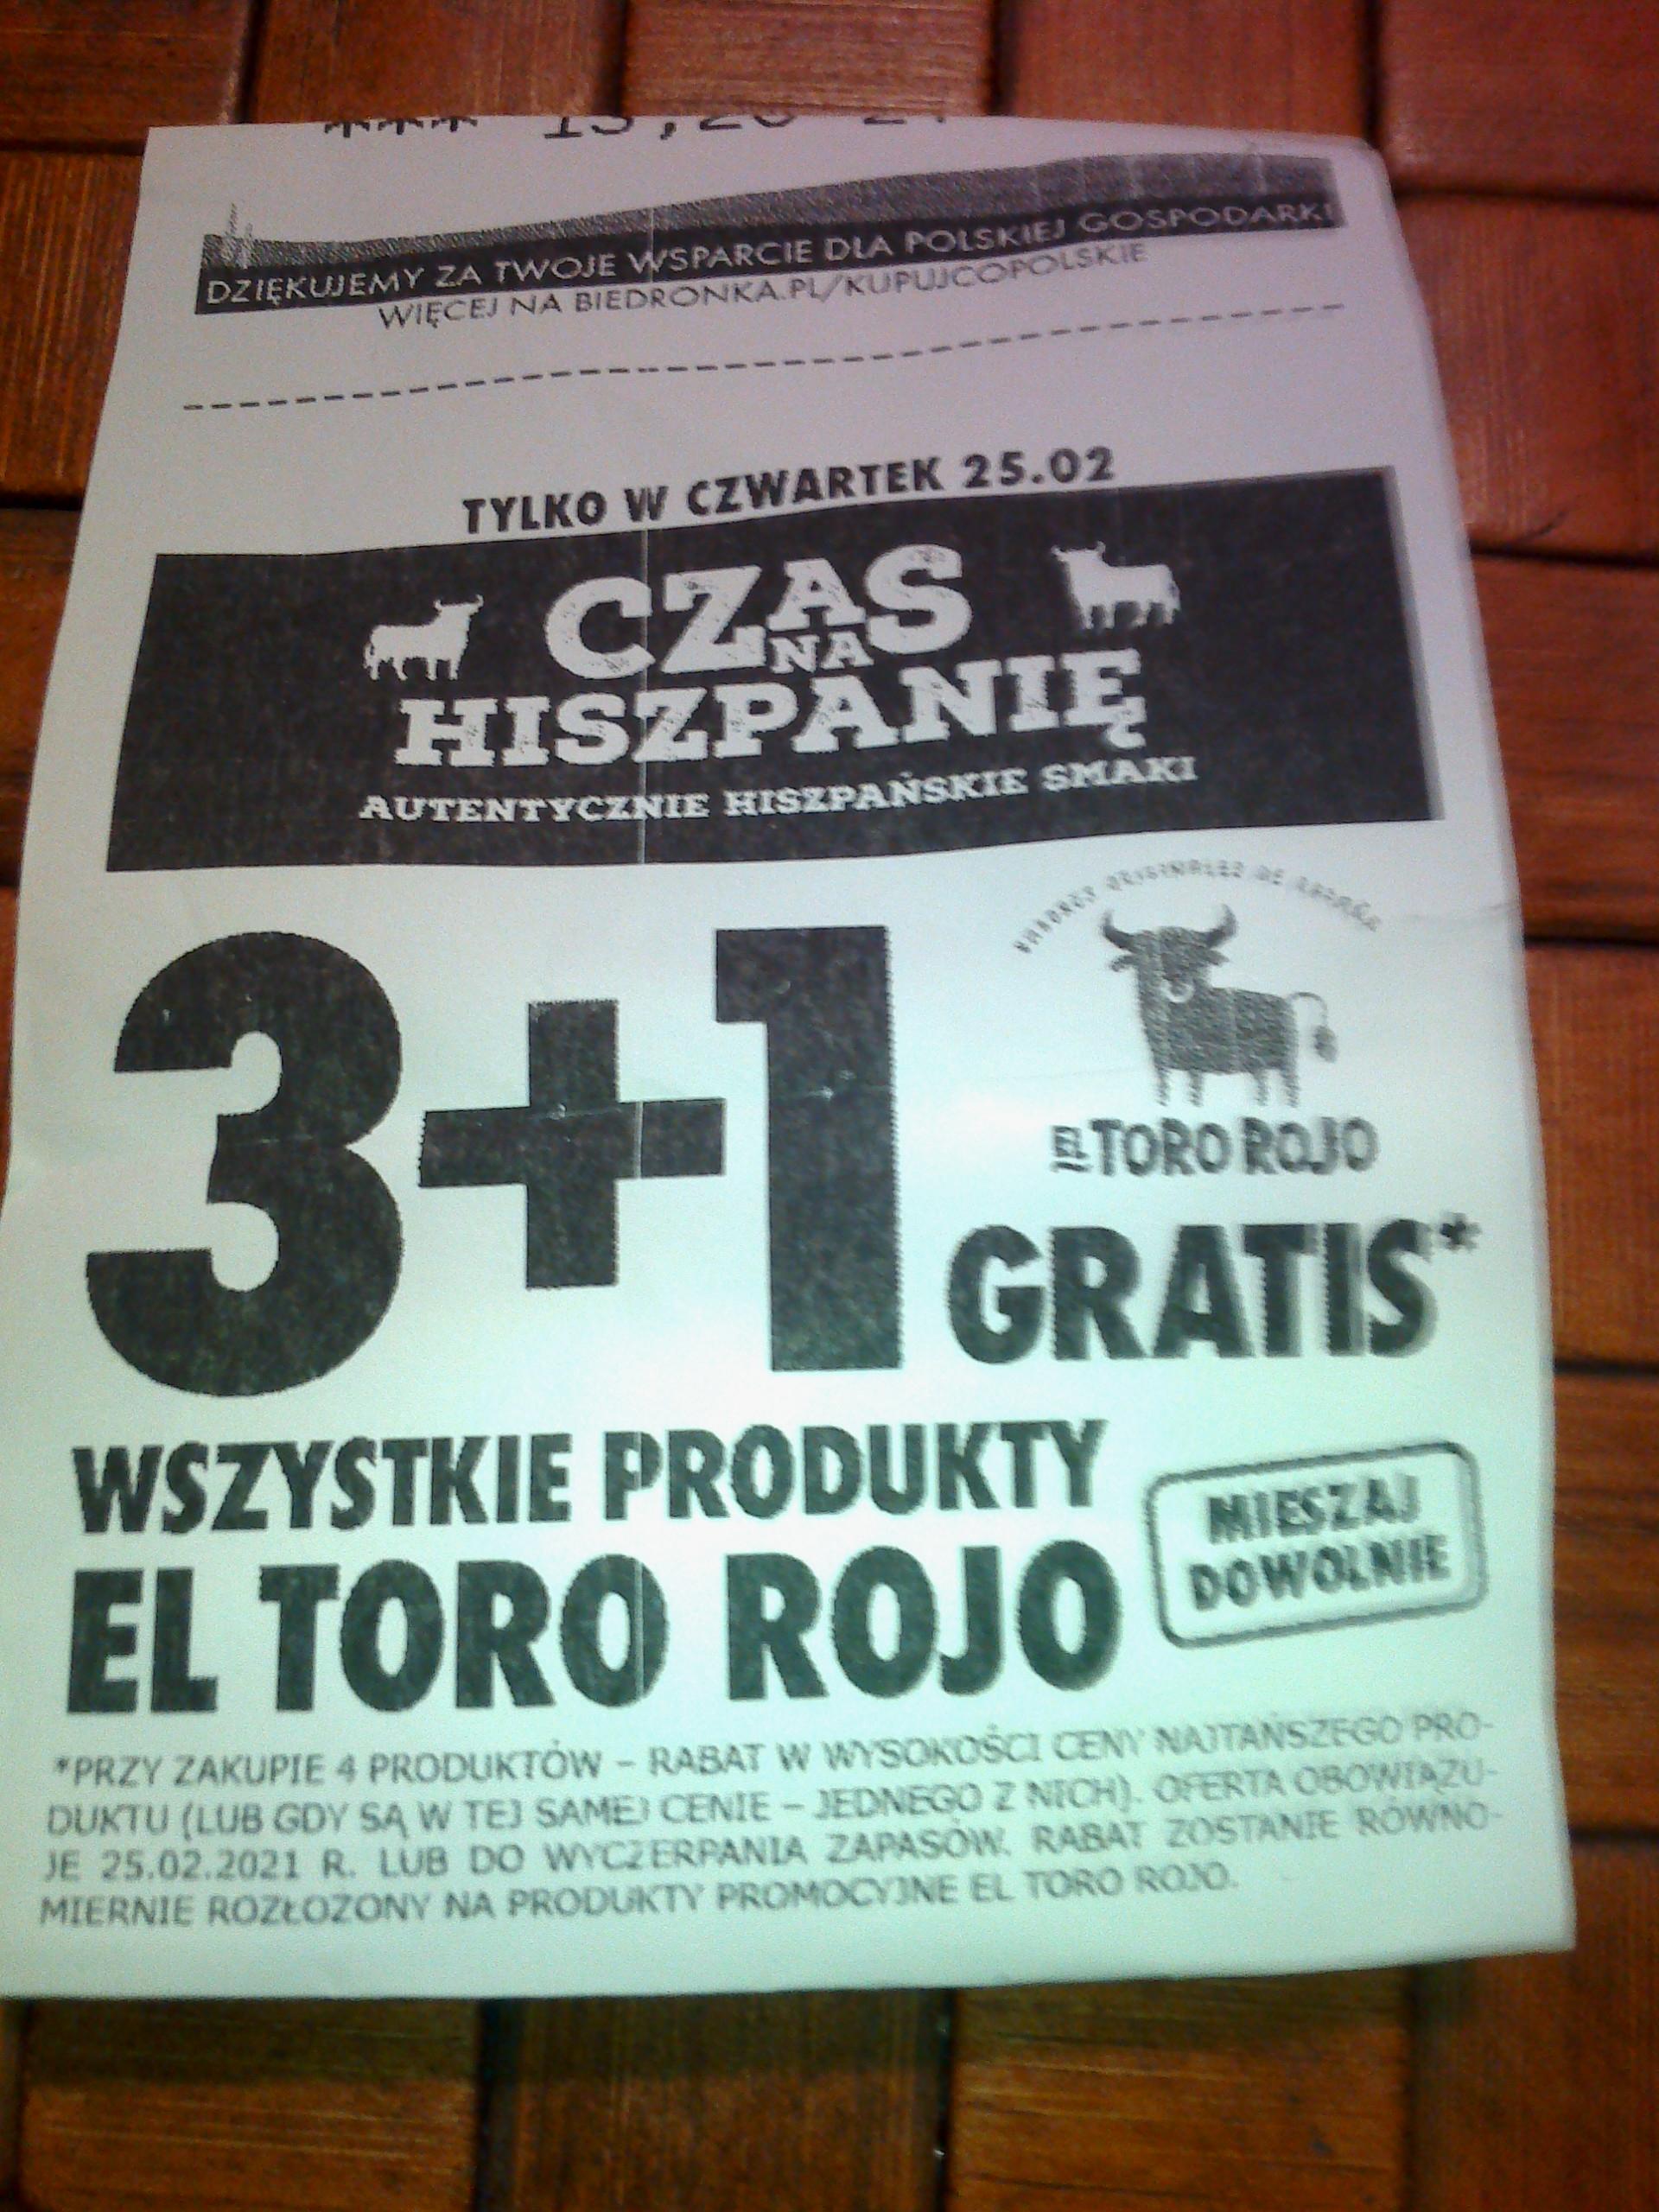 Wszystkie produkty El Toro Rojo 3 +1 gratis . Tylko 25 lutego ( czwartek ) Biedronka